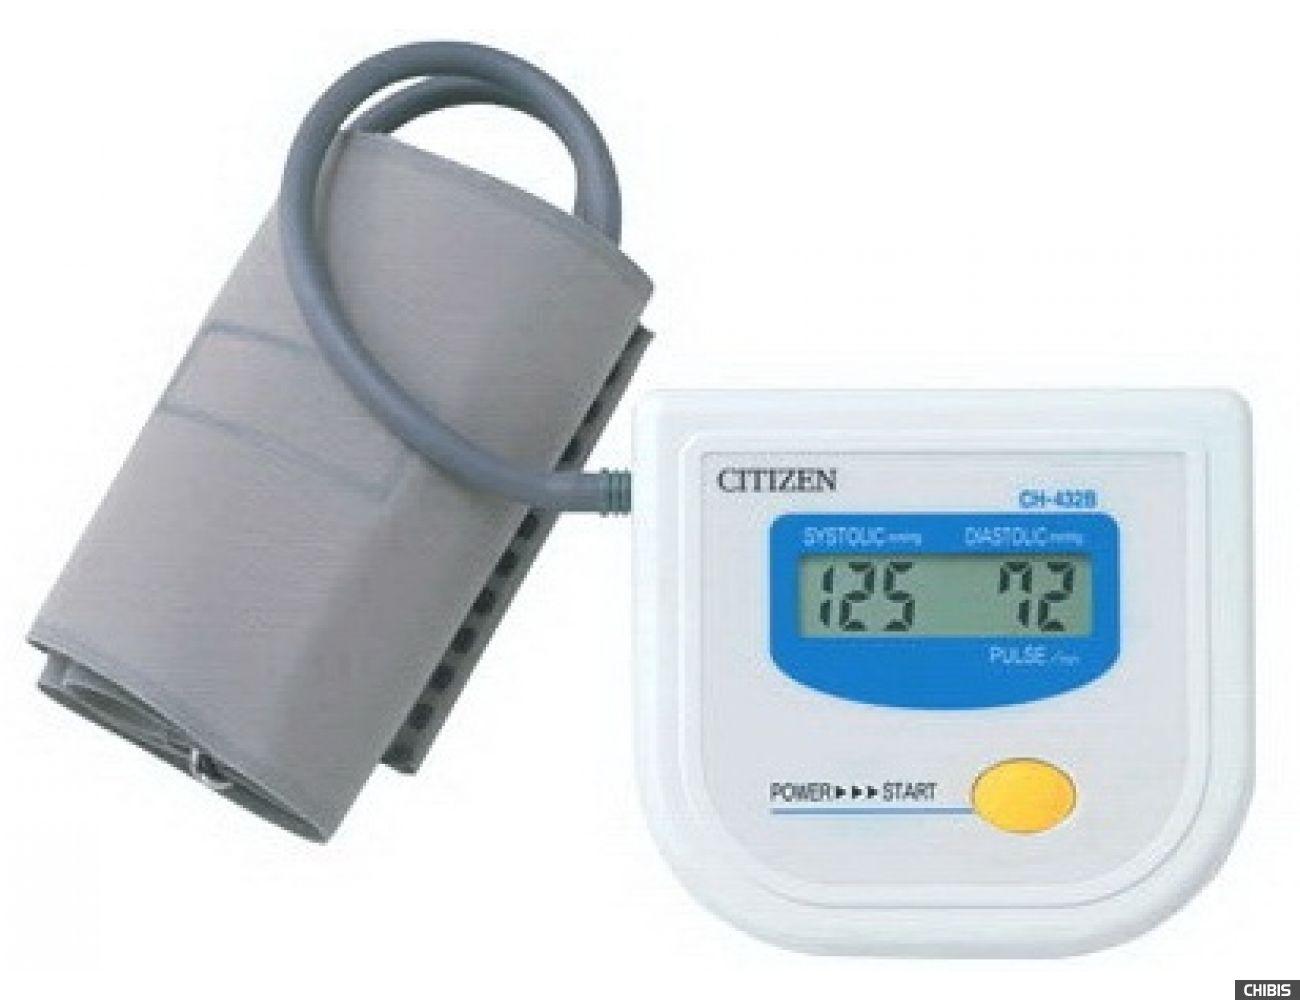 Тонометр Citizen CH-432B